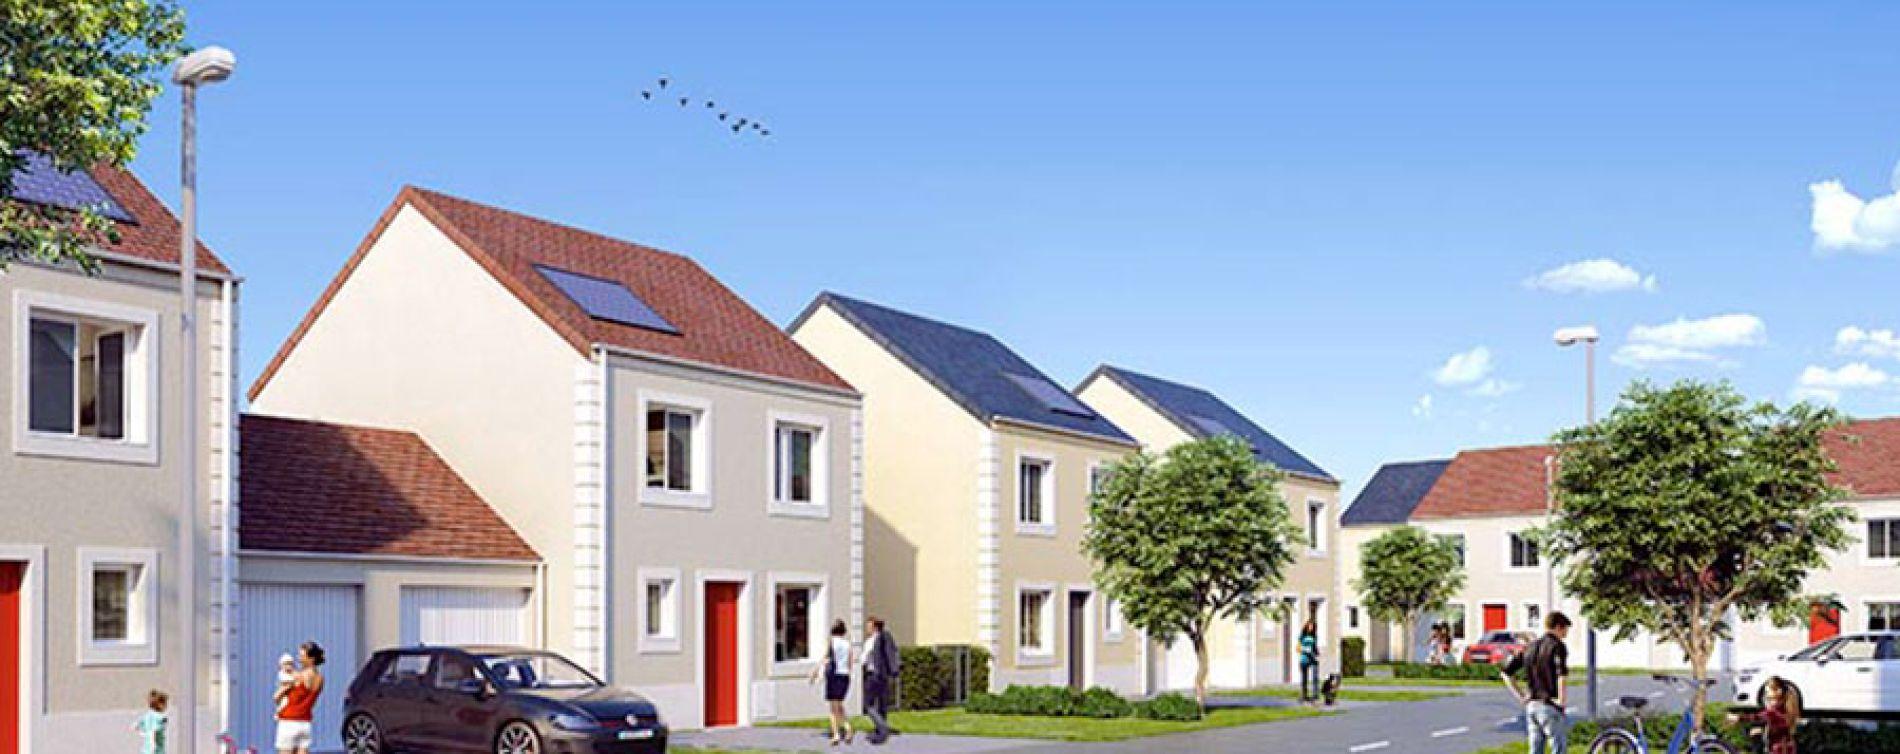 Hameau de musset guignes programme immobilier neuf n 214136 for Appartement atypique seine et marne